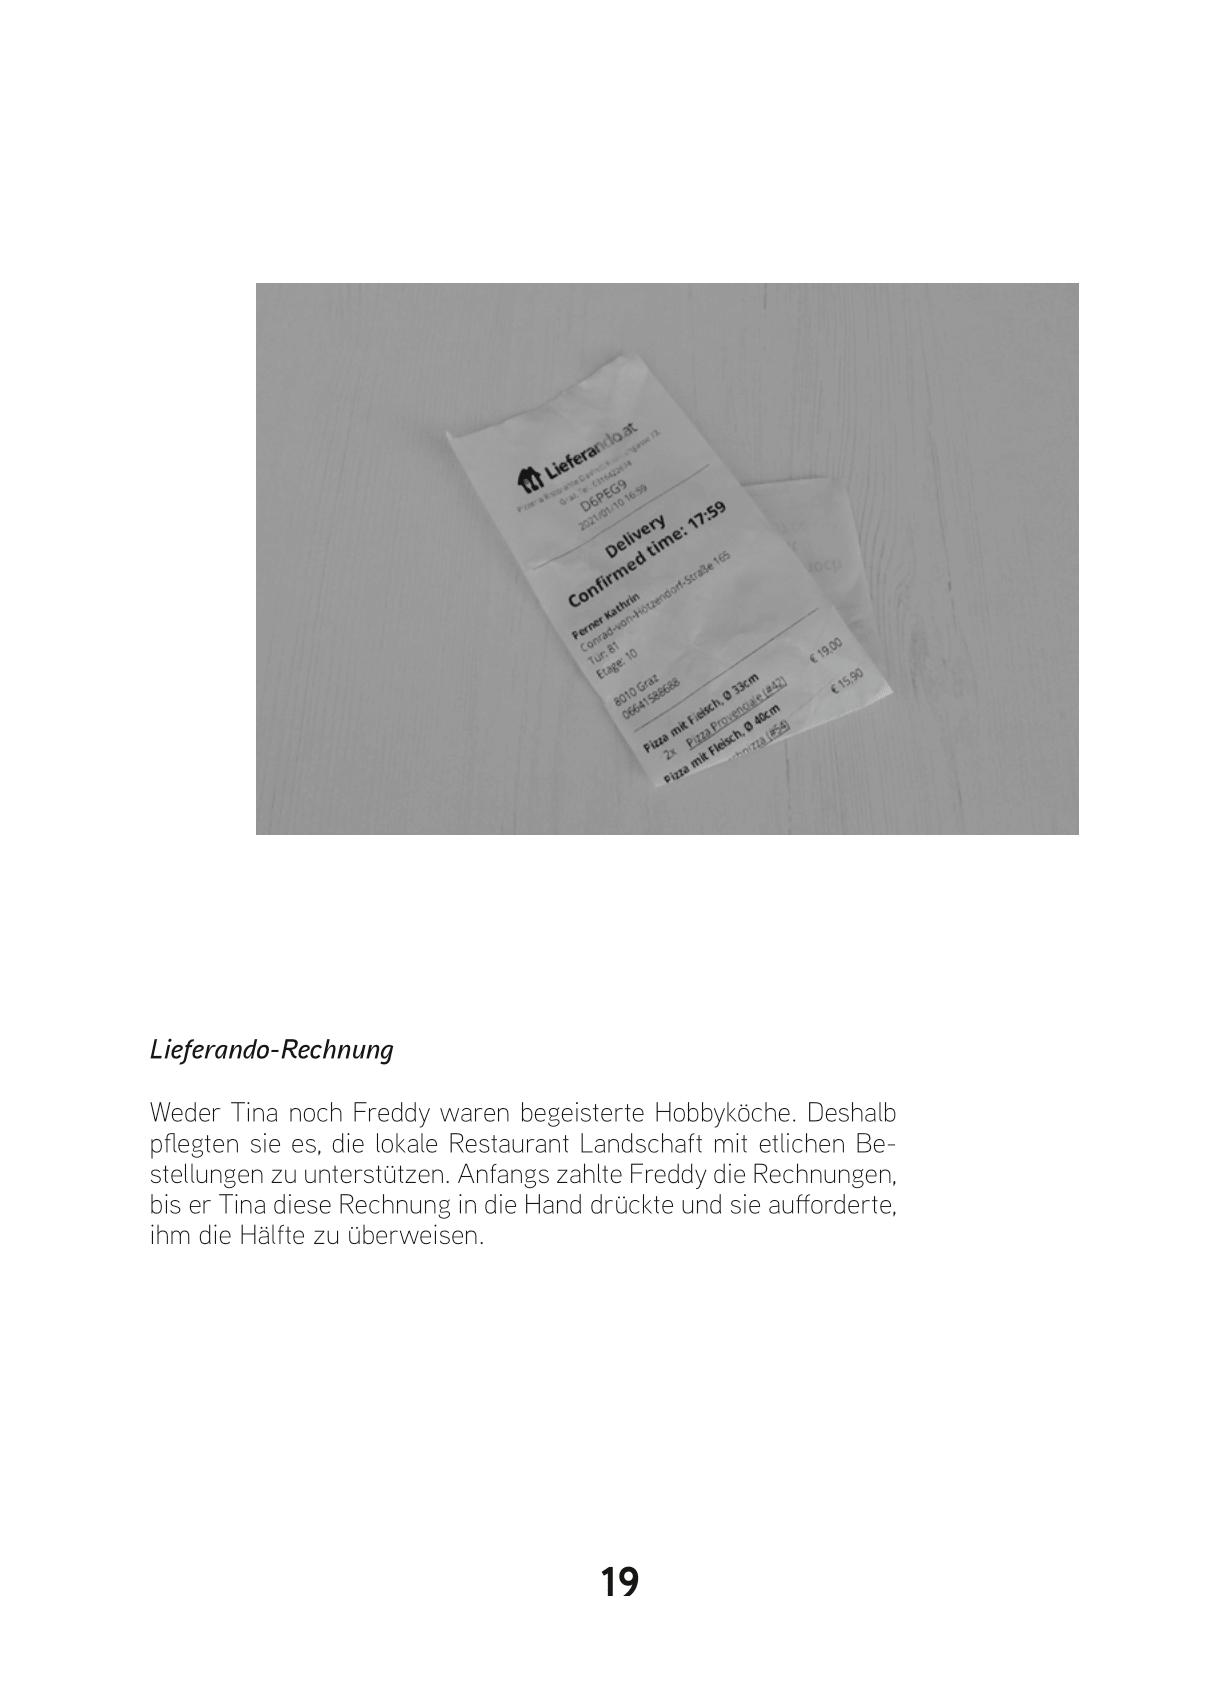 MDZB_CMS19_v1-20